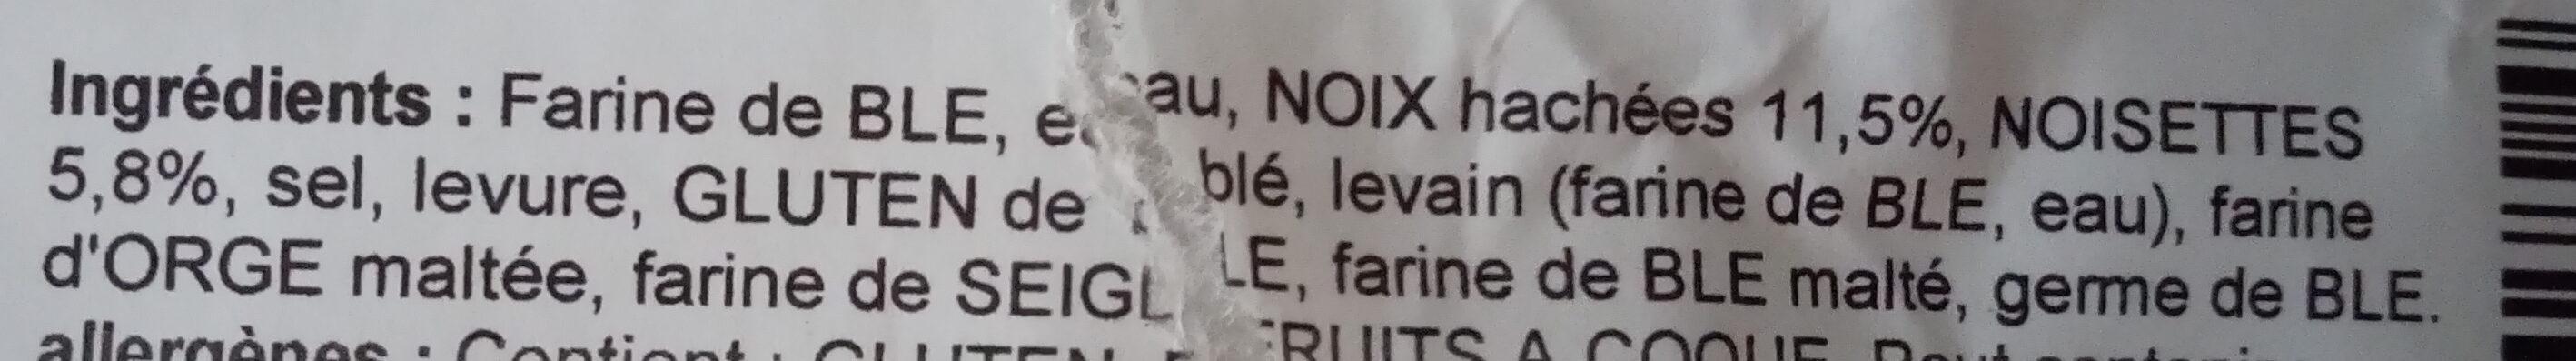 Pain noix et noisettes - Ingredienti - fr